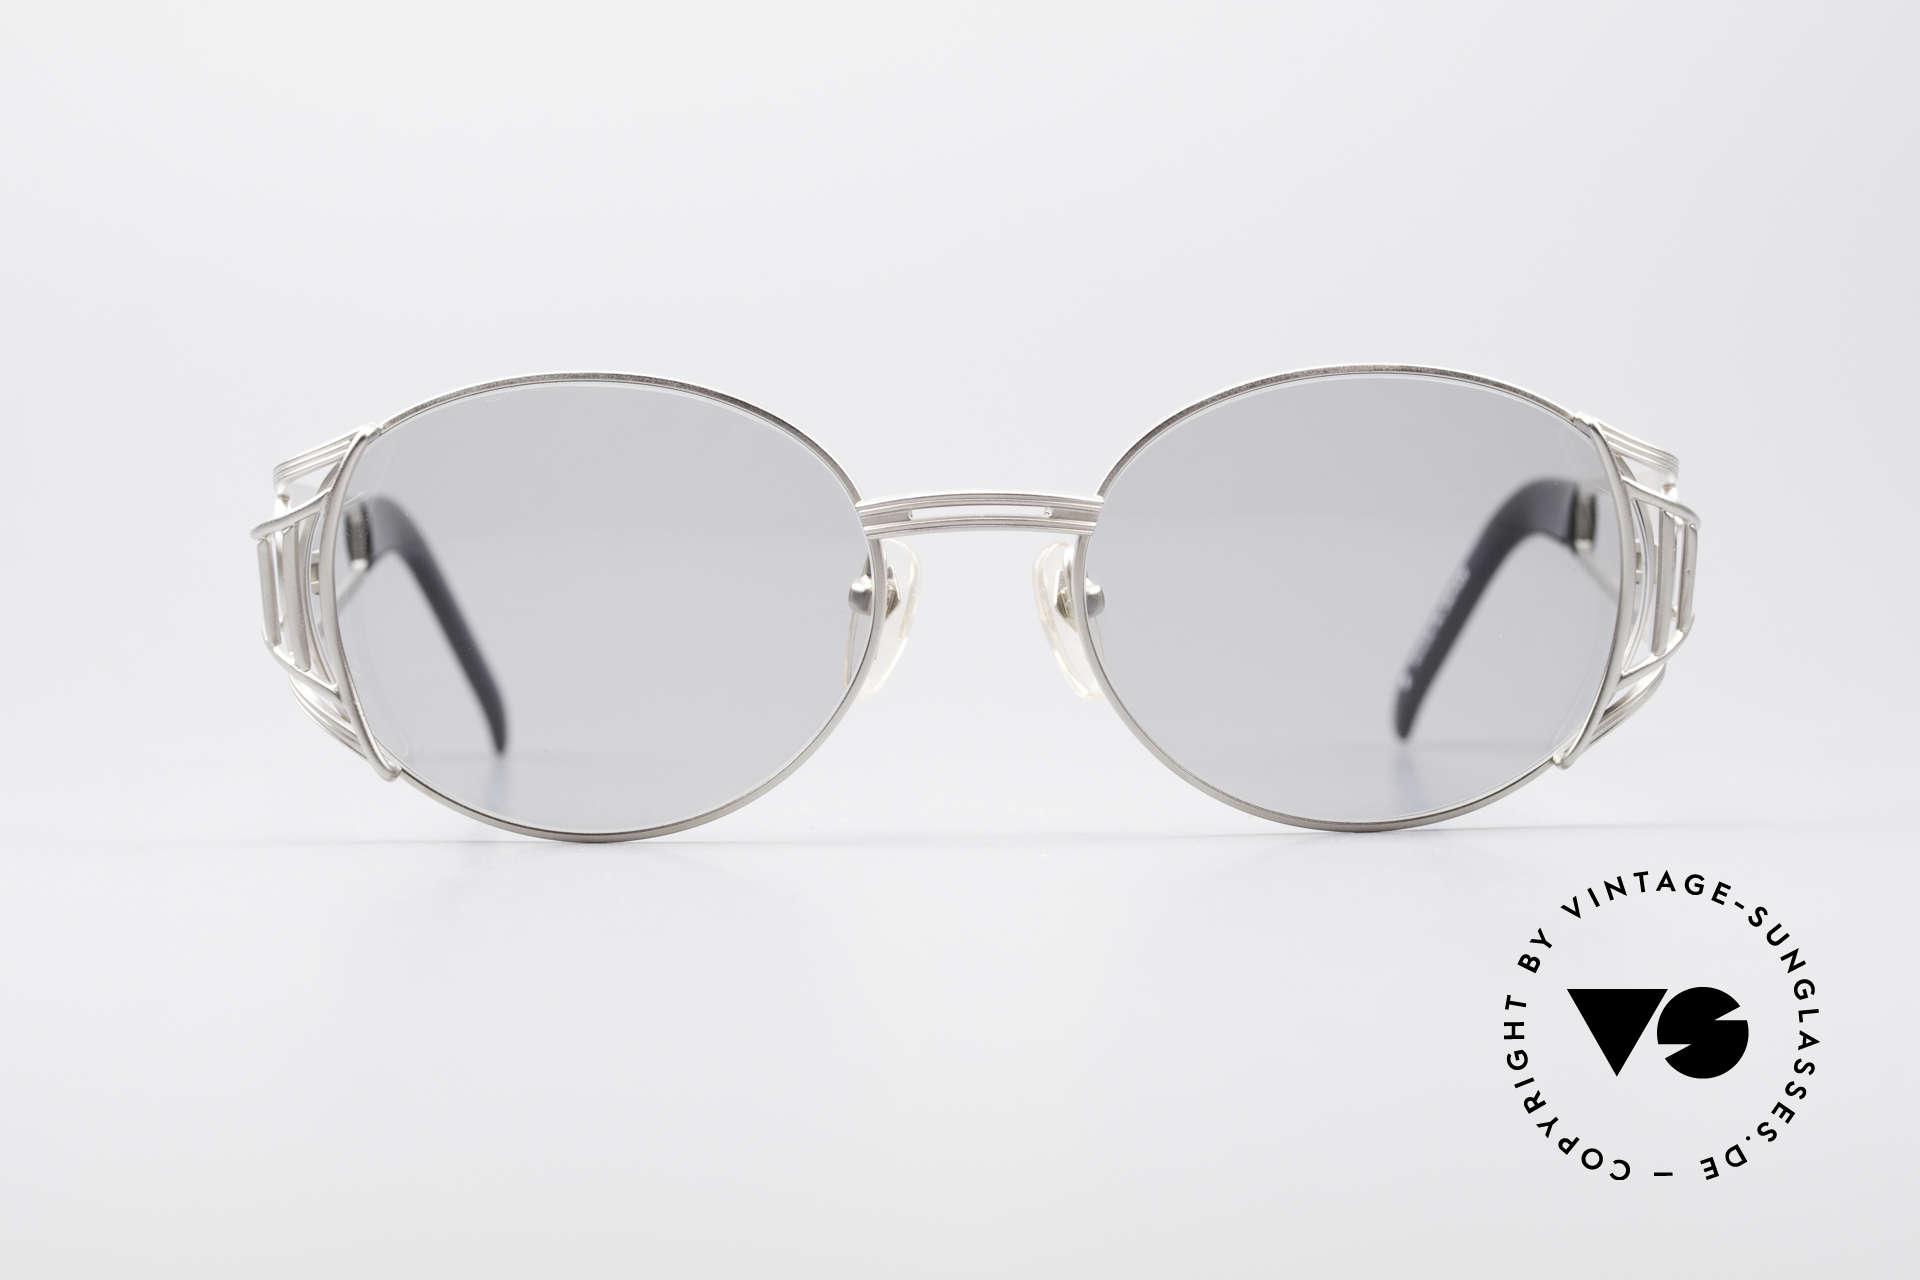 Jean Paul Gaultier 58-6102 Steampunk Vintage Brille, Designer-Sonnenbrille von 1997 in Titanium-Grau, Passend für Herren und Damen